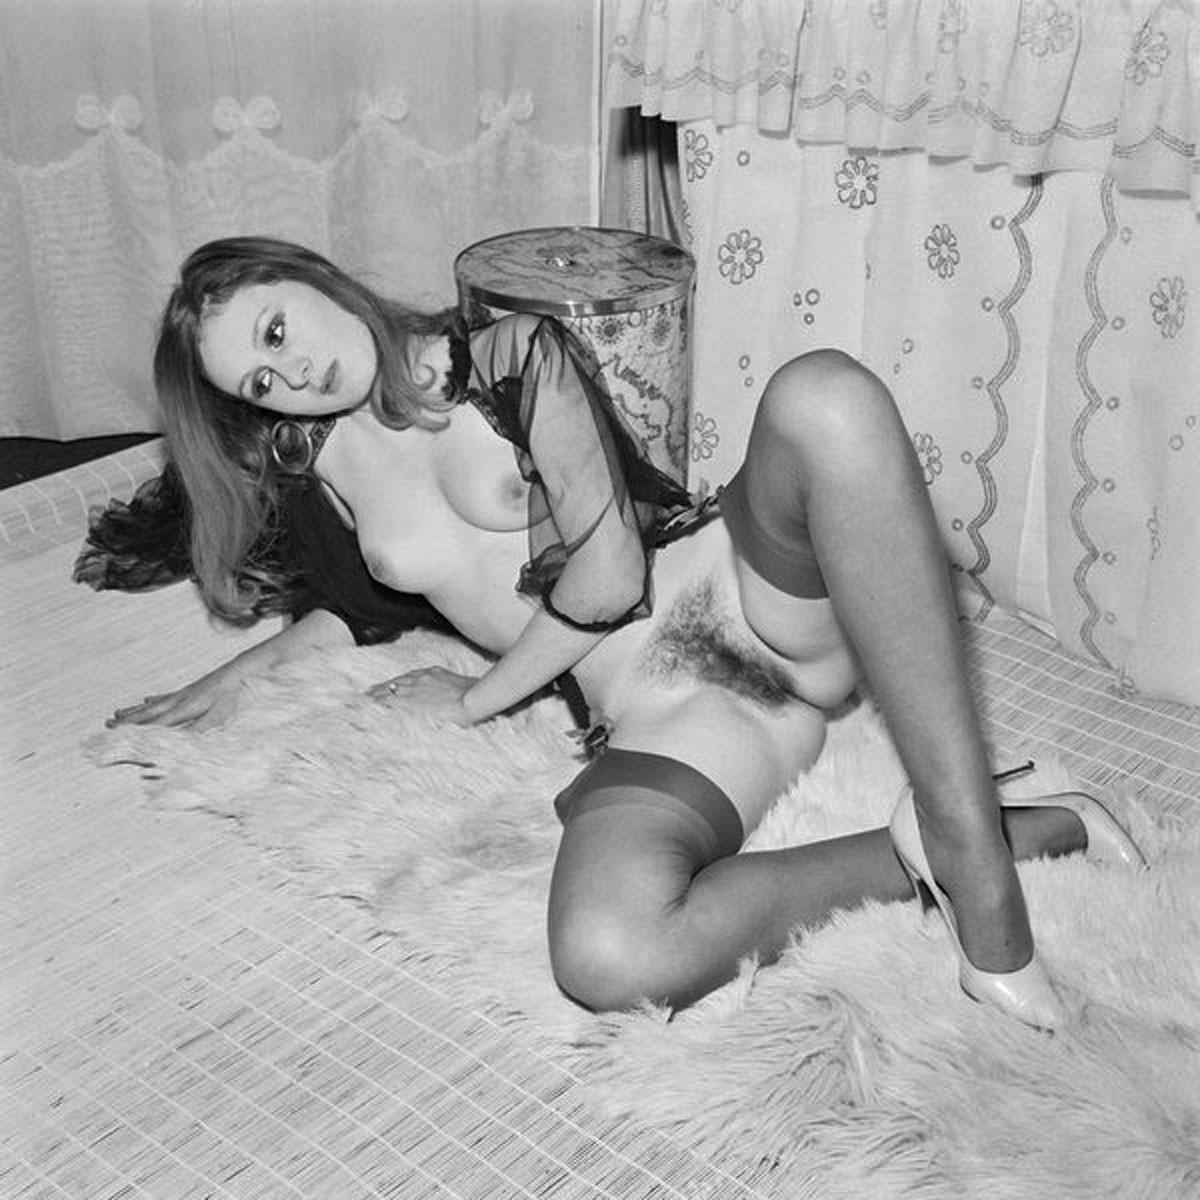 Смотреть эротику 70х годов 11 фотография